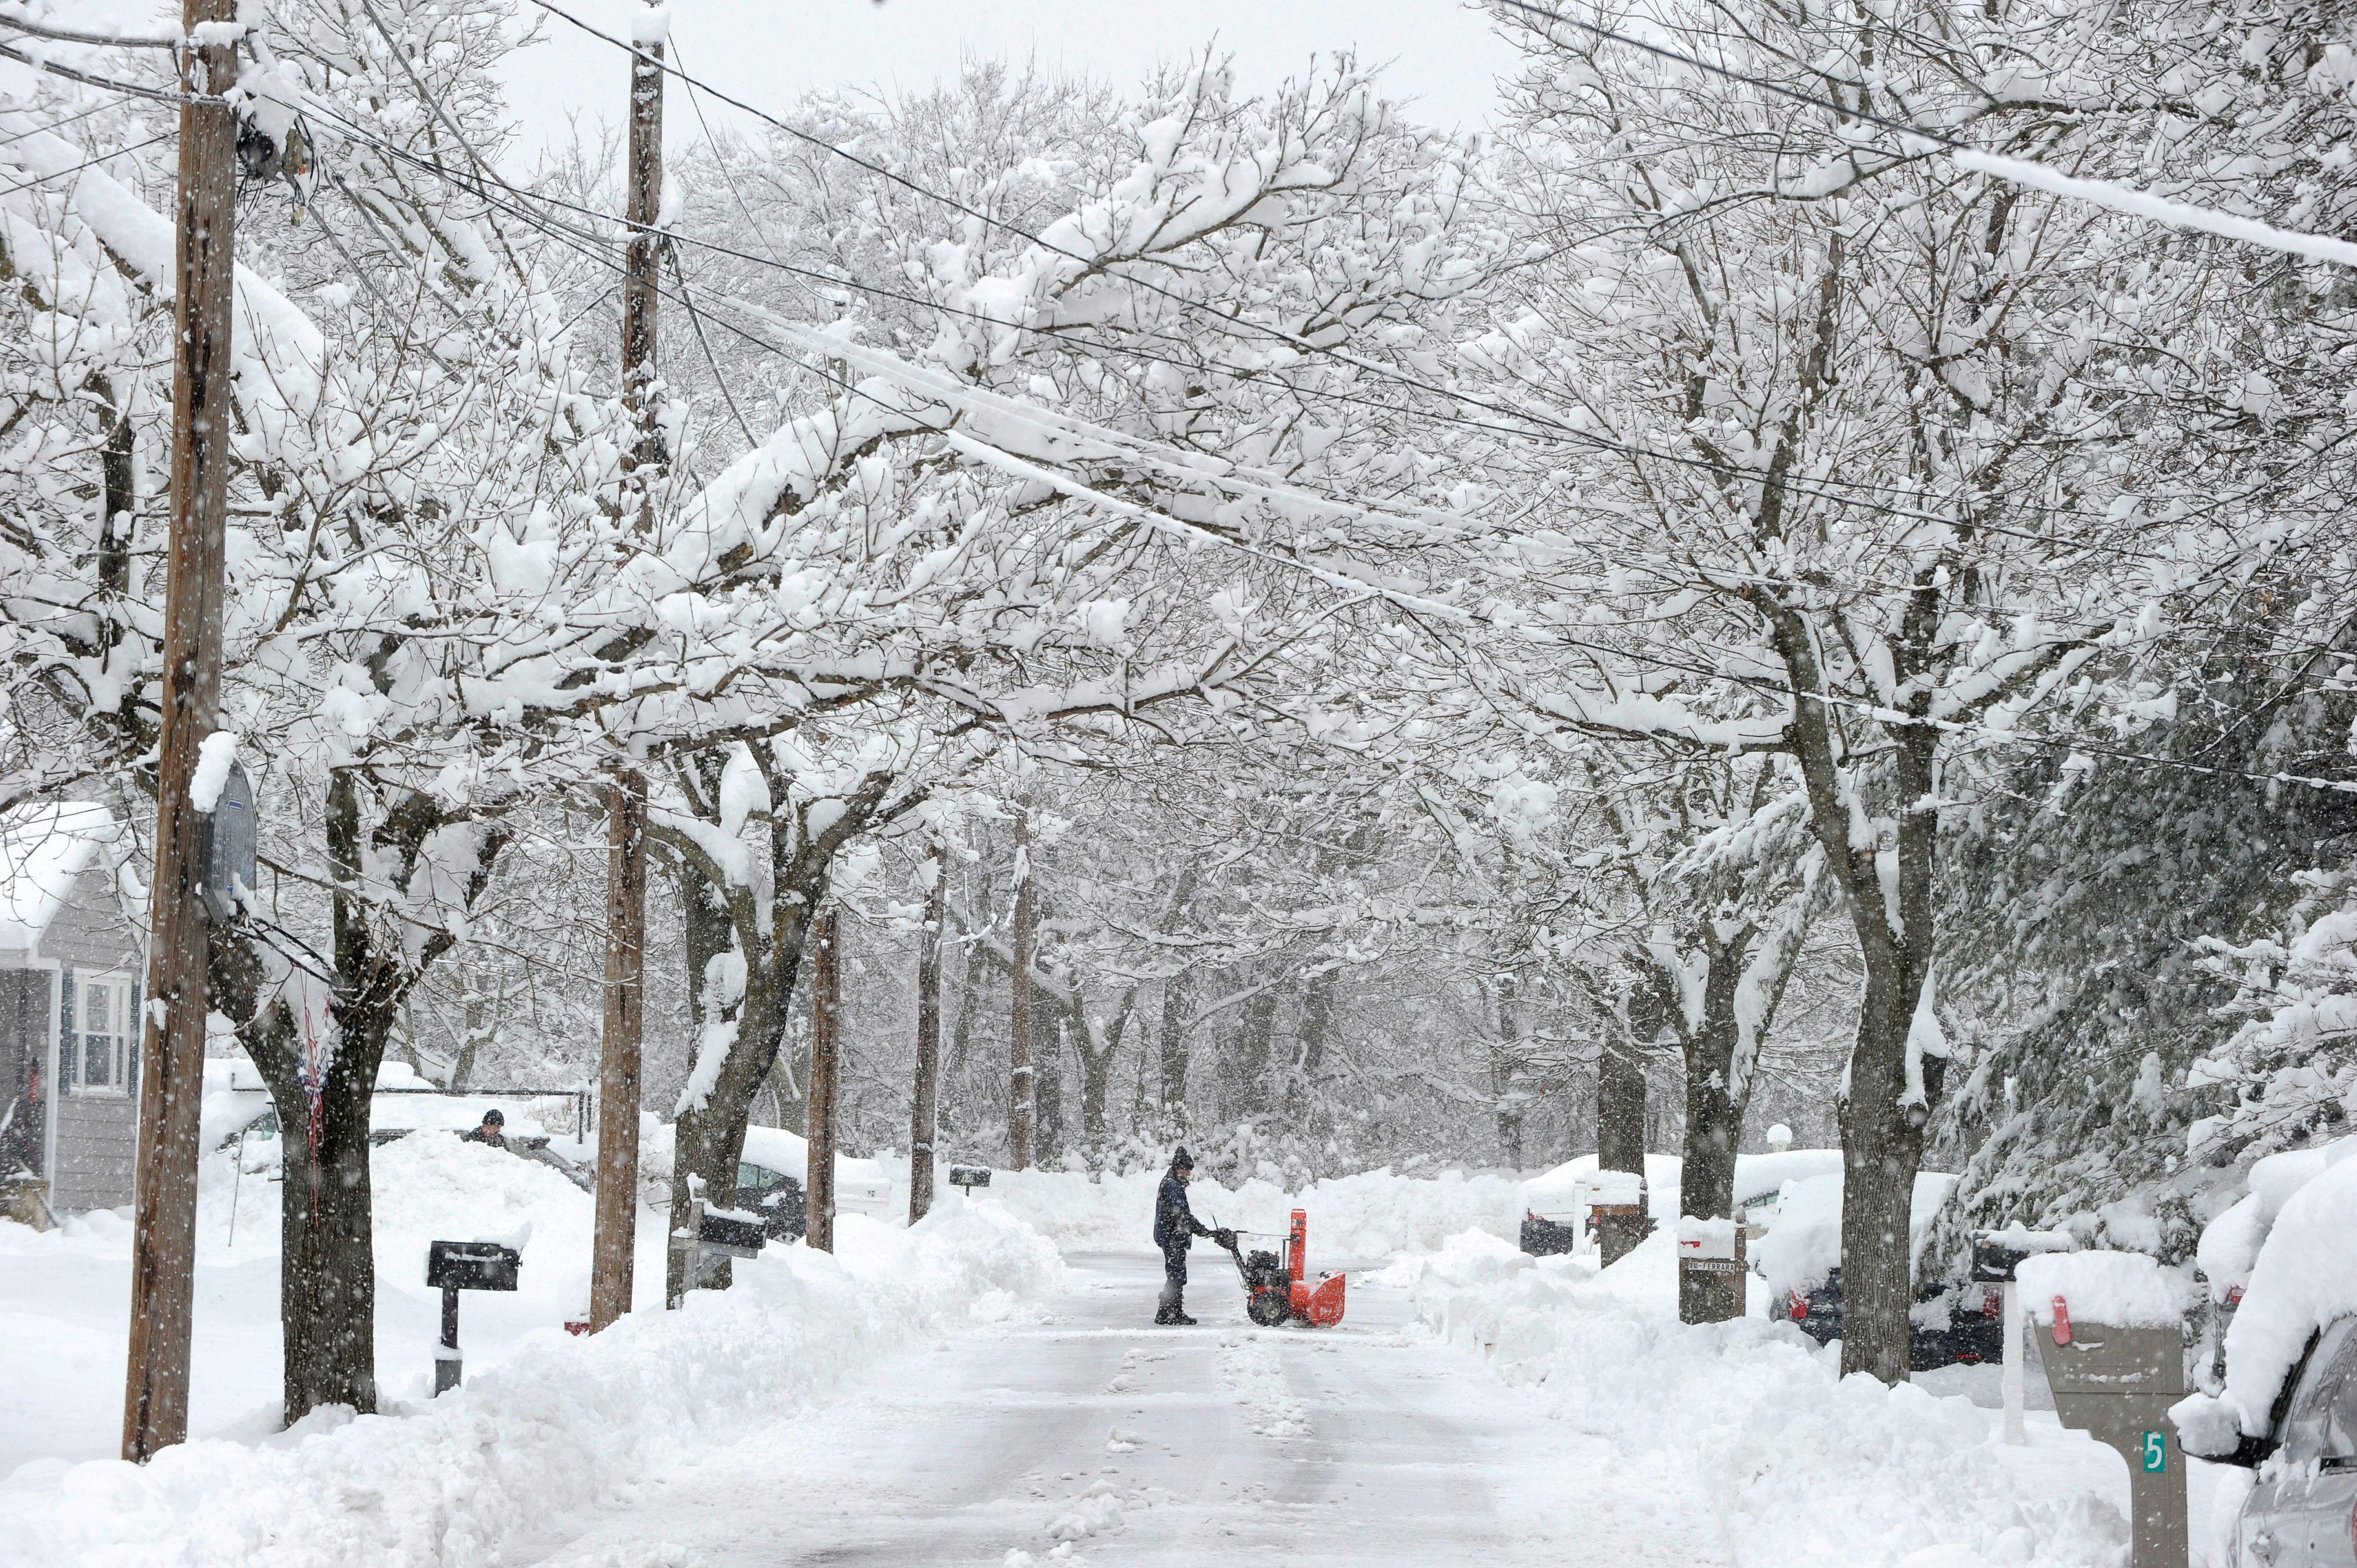 Tormenta de nieve en Nueva Inglaterra tendrá impacto en Nueva York y Nueva Jersey